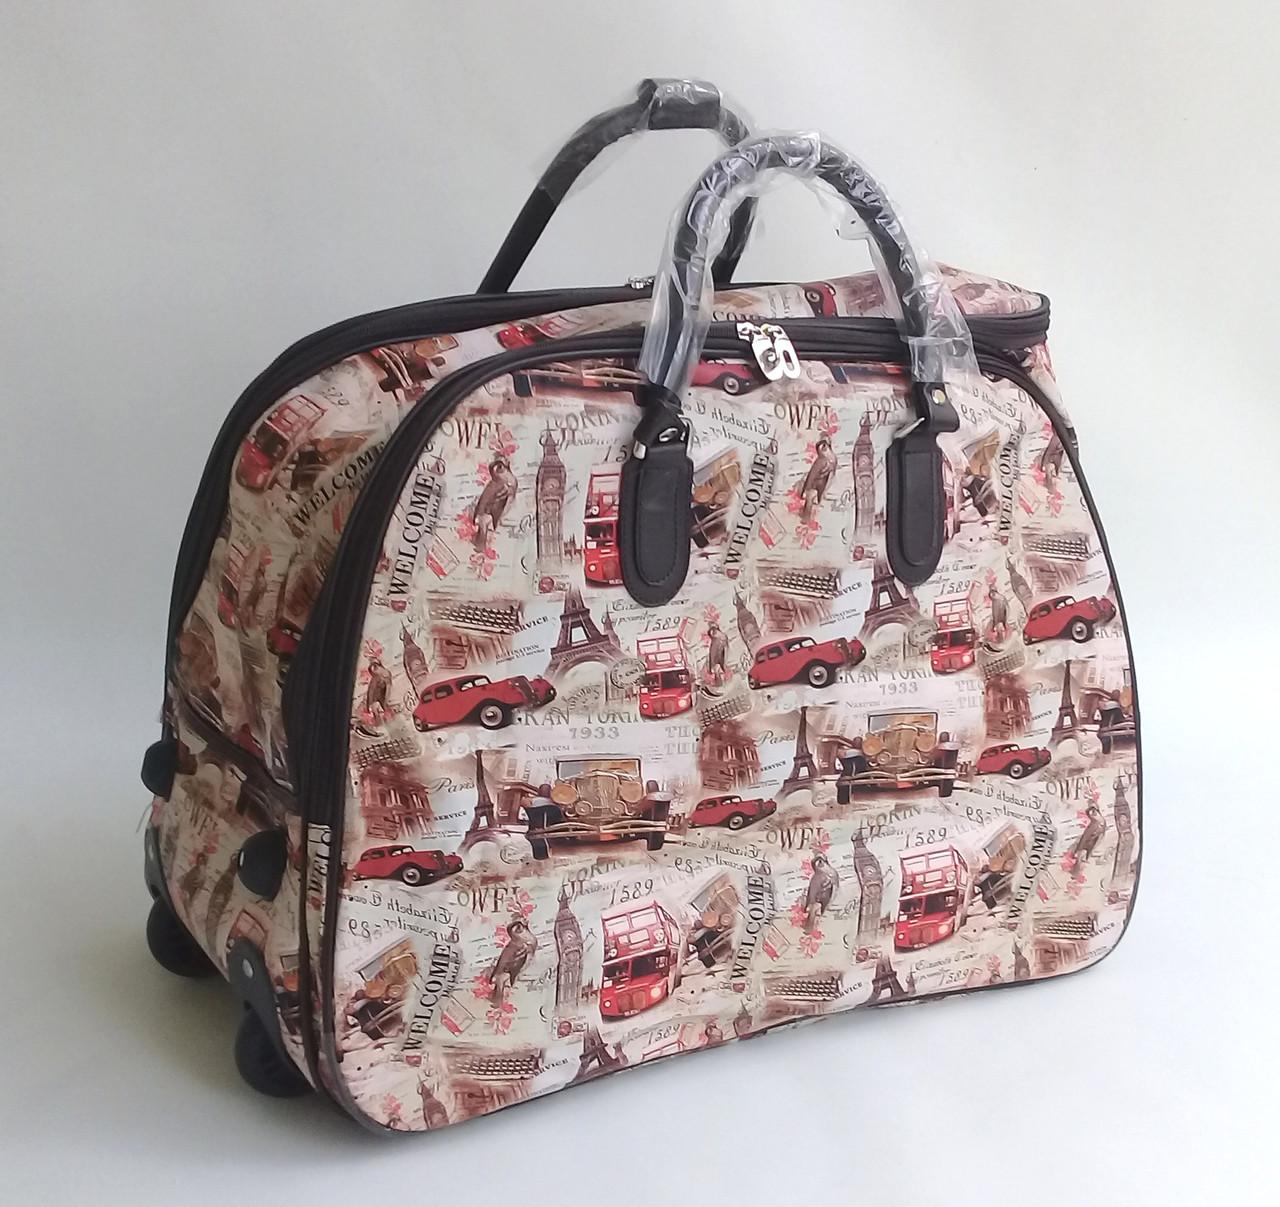 f320ce0b7325 Дорожная сумка на колесах из кожзама  среднего размера - Чемоданчик в  Закарпатской области